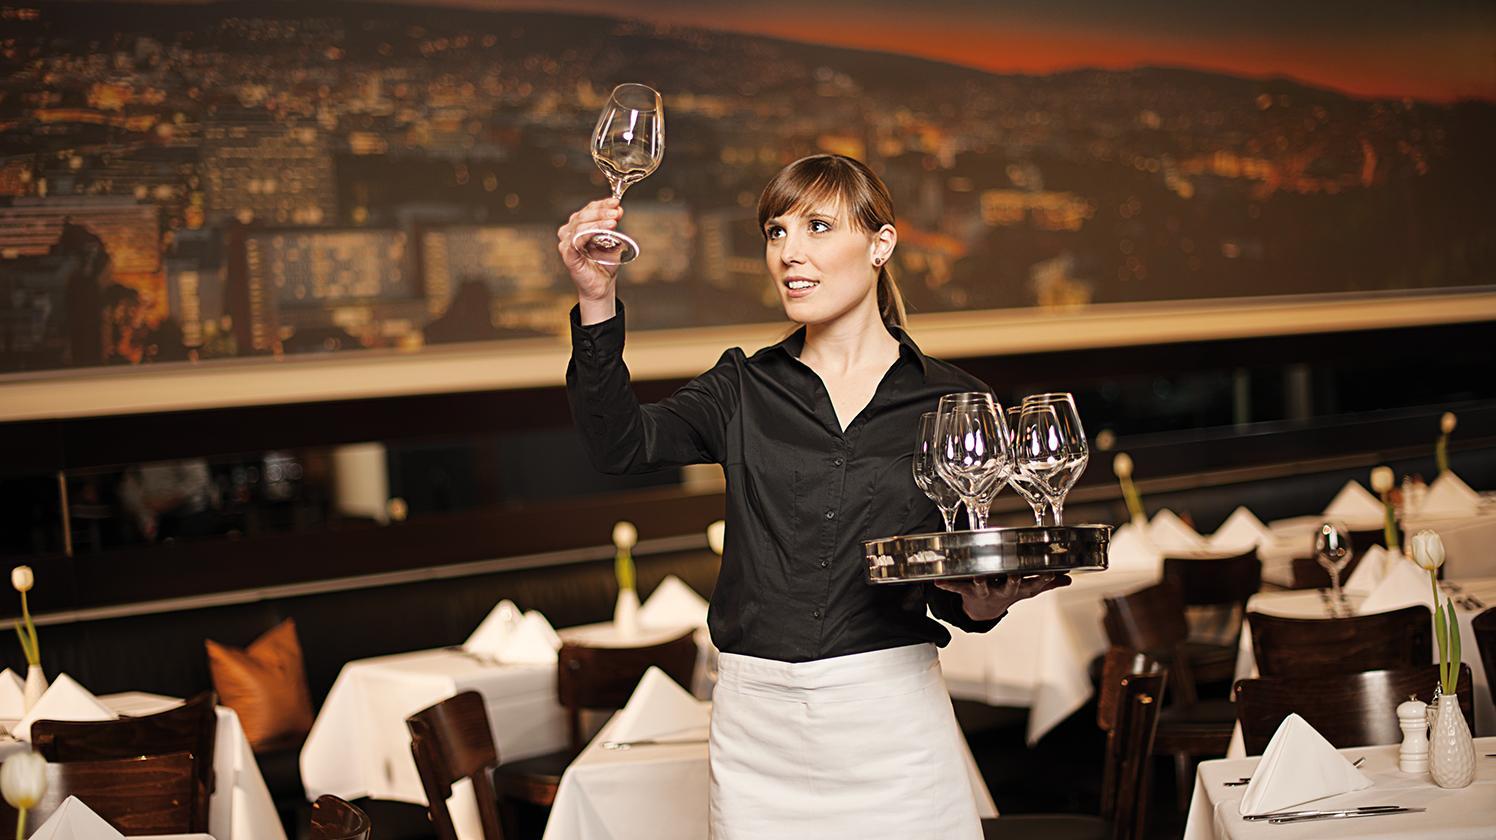 restauracja dystrybutor wody kelnerka ze szklanką